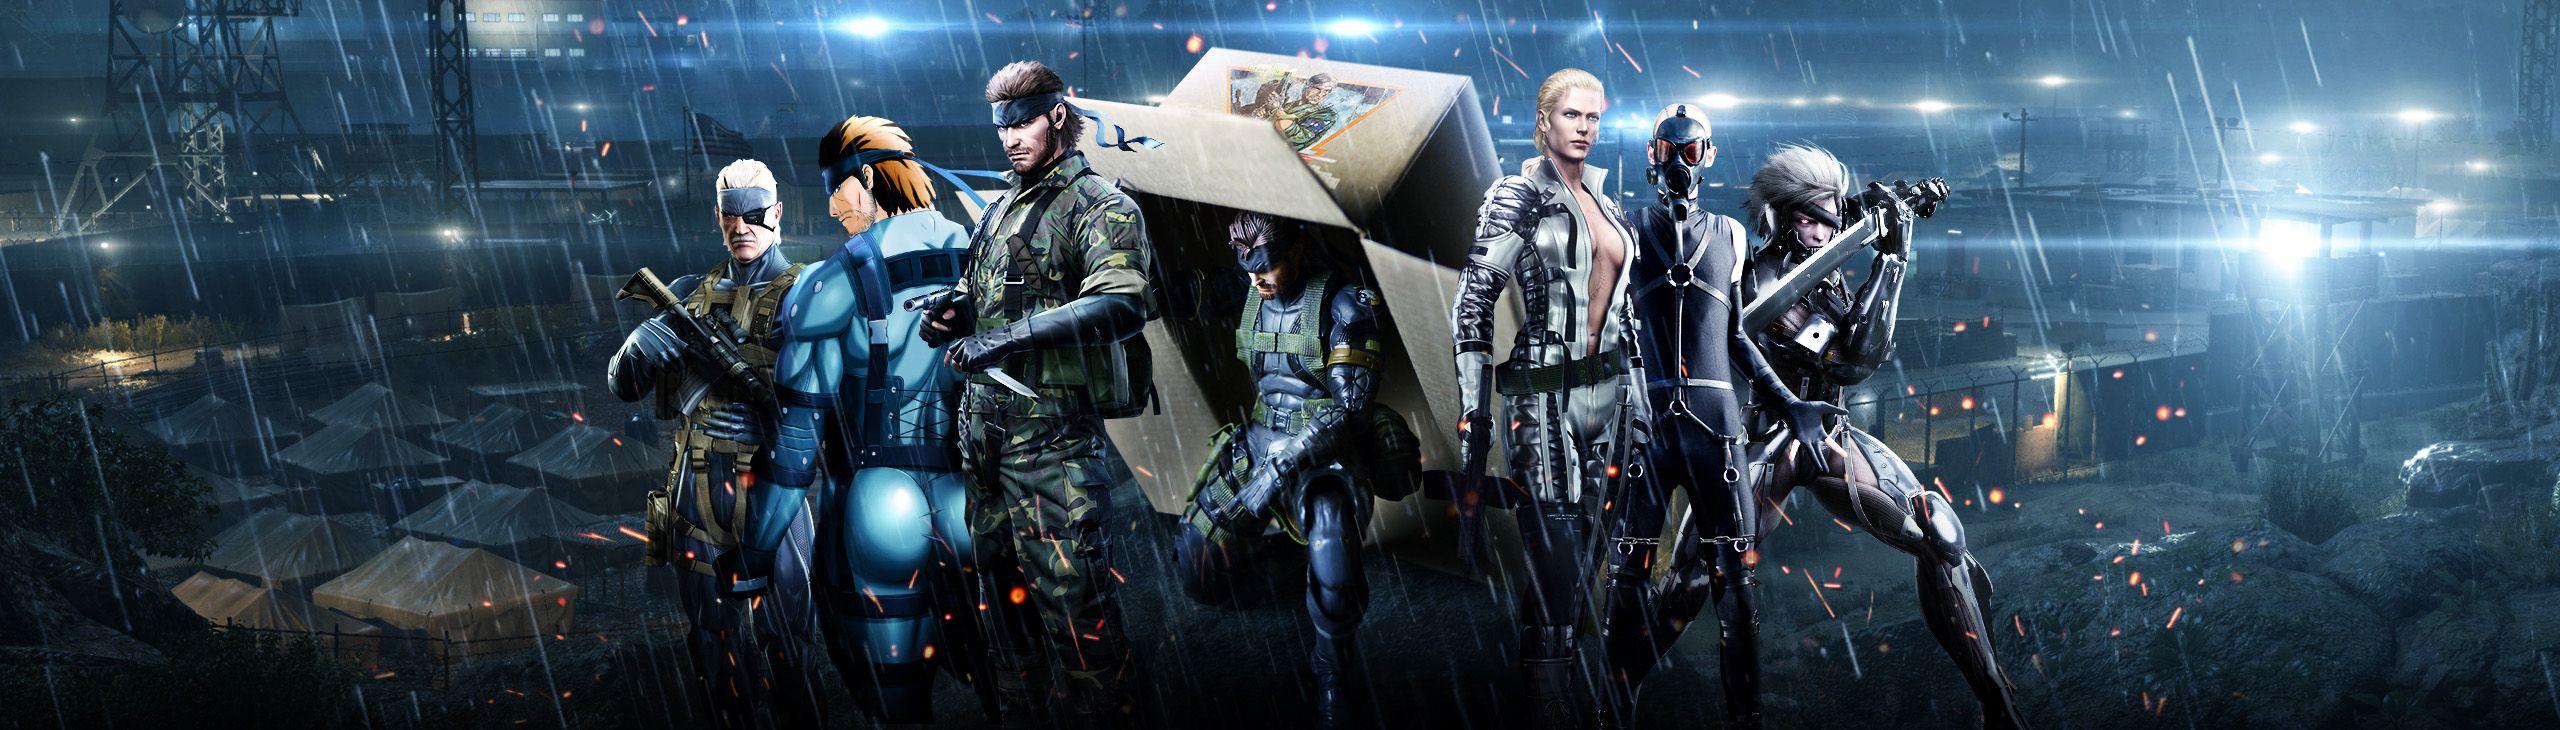 Jovem Nerd -- > Nerdcast 481 - A Cronologia Metal Gear